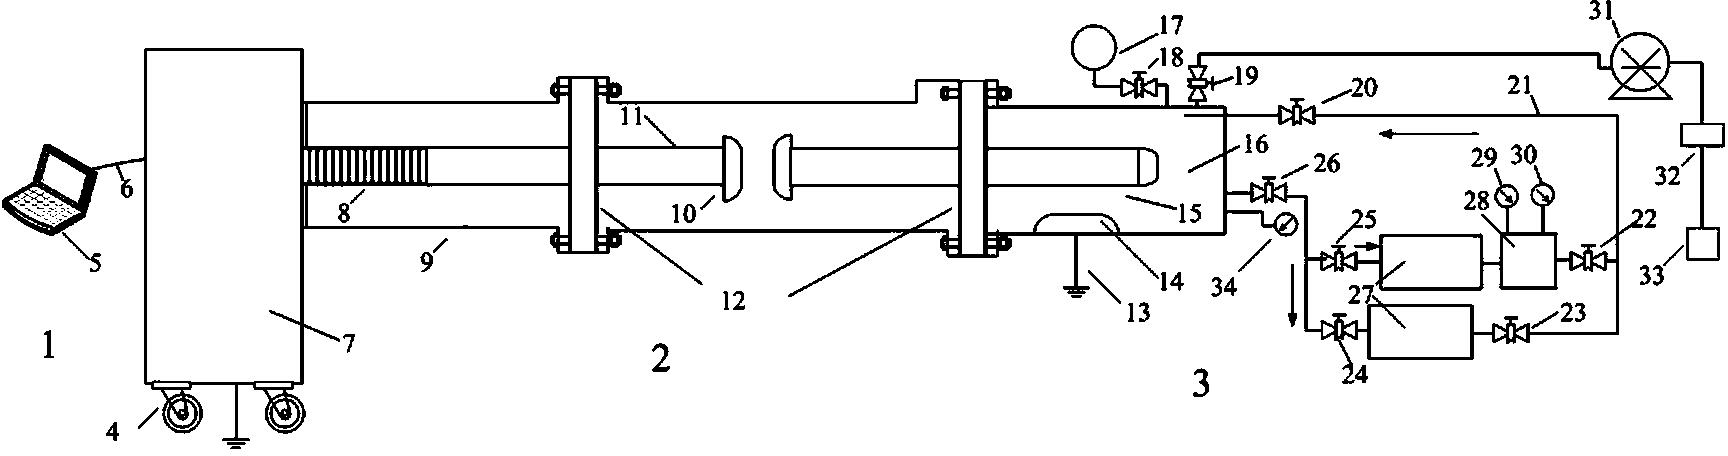 一种移动式VFTO绝缘油循环试验系统